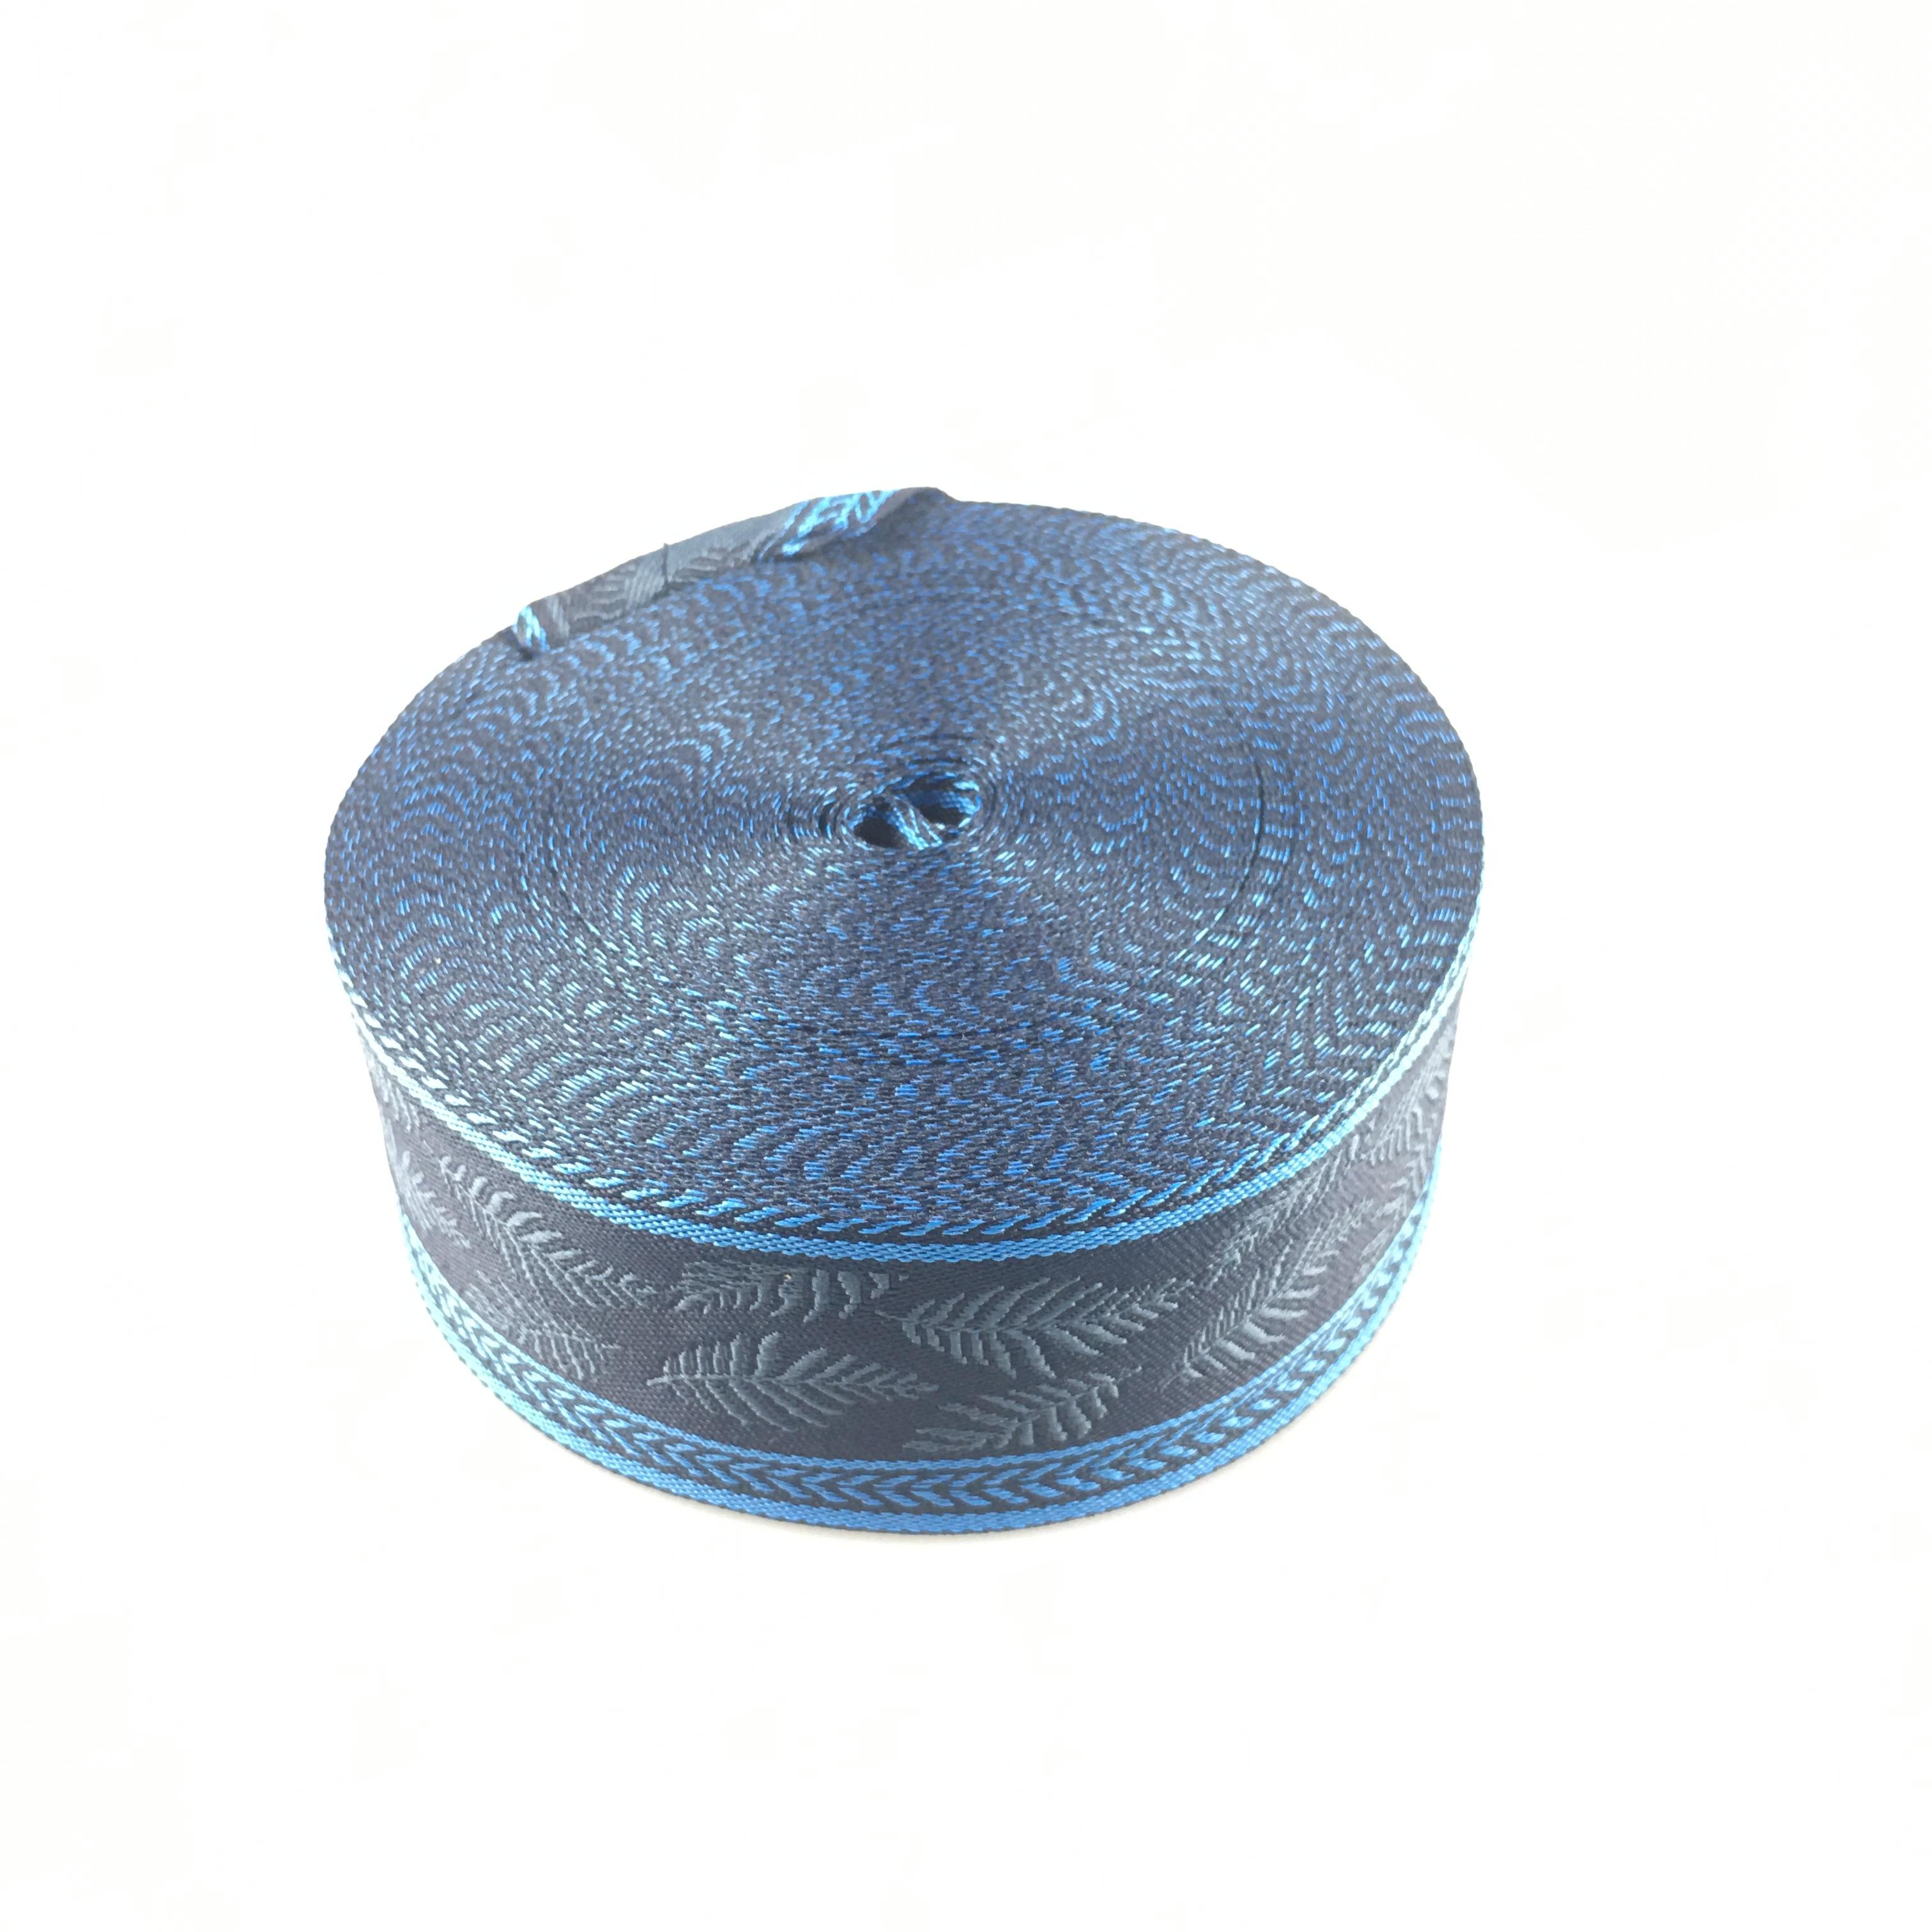 蓝色叶片加厚提花织带 提花带字母 加厚织带可定制